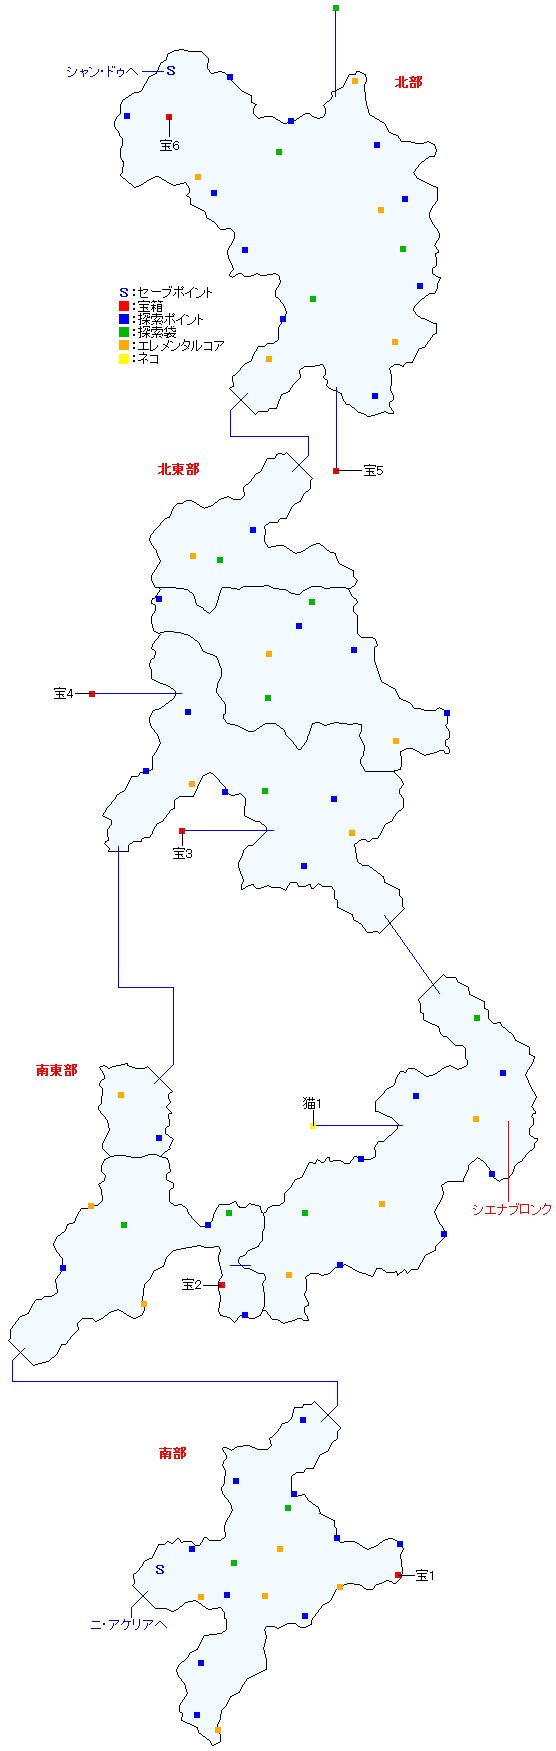 ソグド湿道マップ